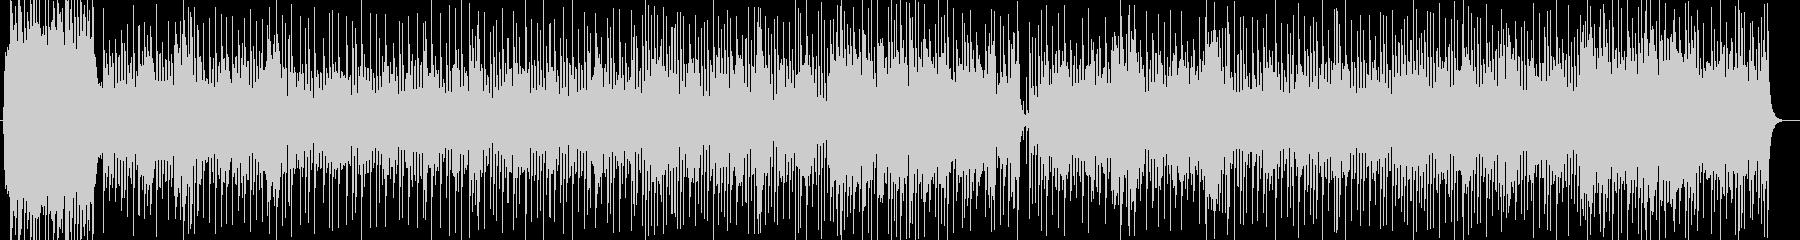 華やかで盛大なシンセサイザーサウンドの未再生の波形